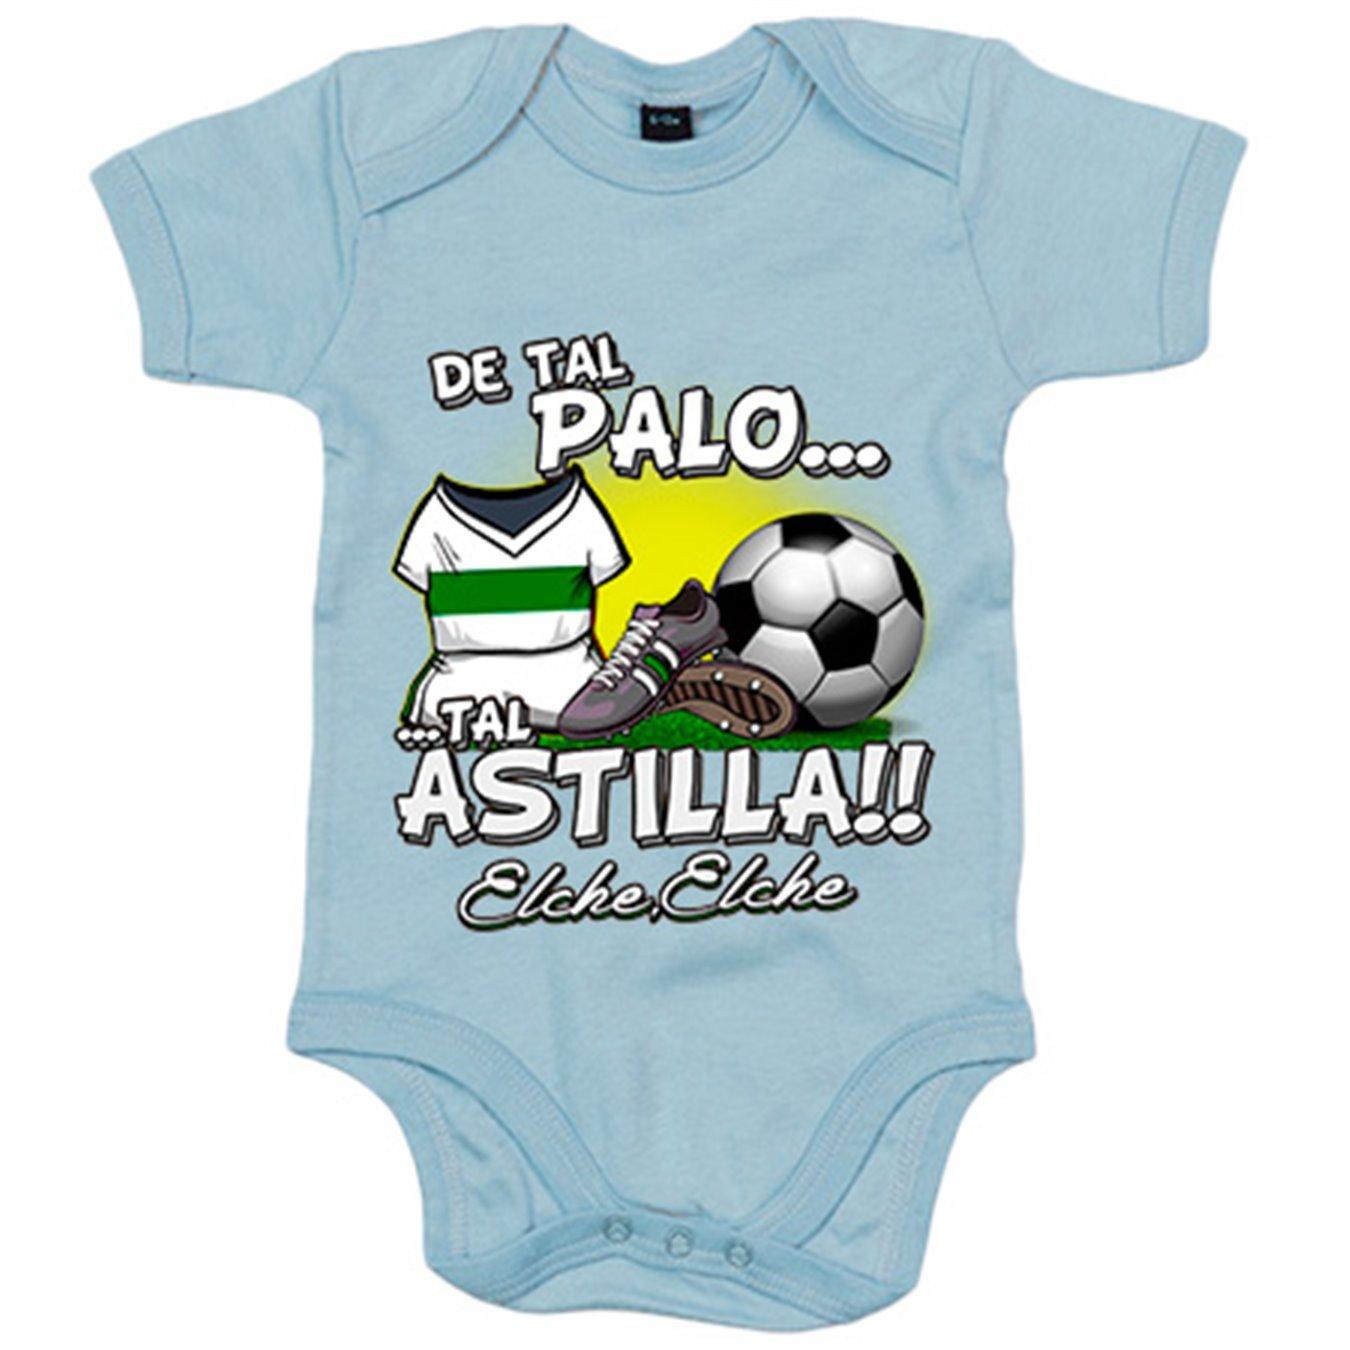 Body bebé de tal palo tal astilla Elche fútbol - Blanco, 6 ...